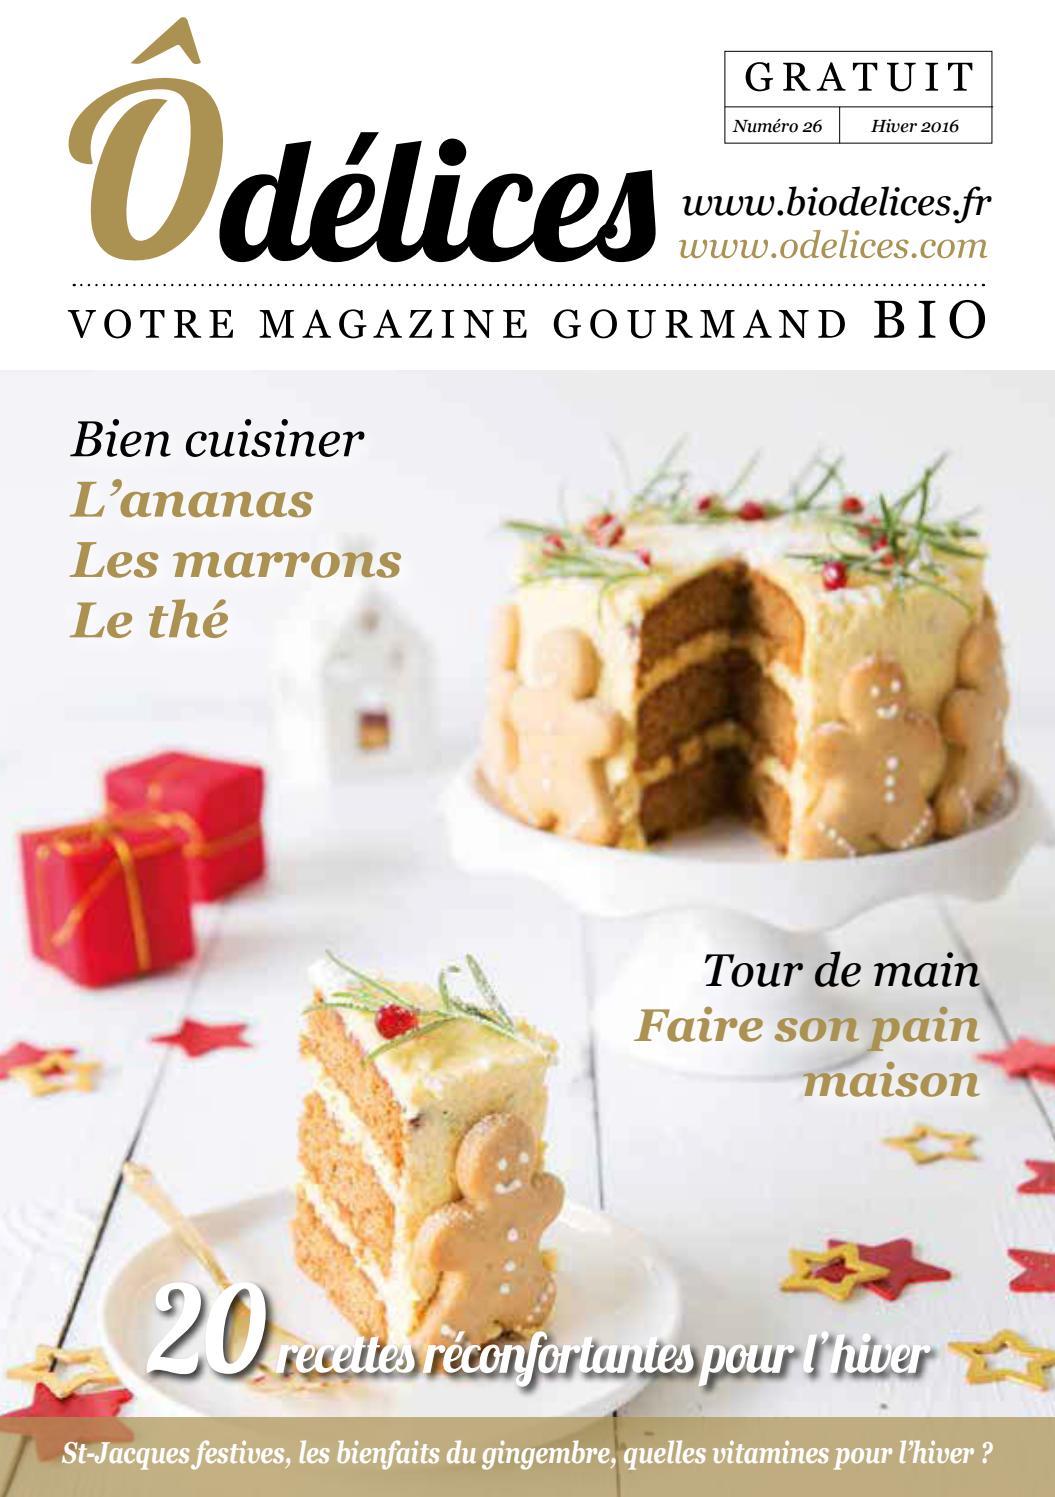 magazine de cuisine odelices n°26 ? hiver 2016 - Ôdélices - Cours De Cuisine Laval 53